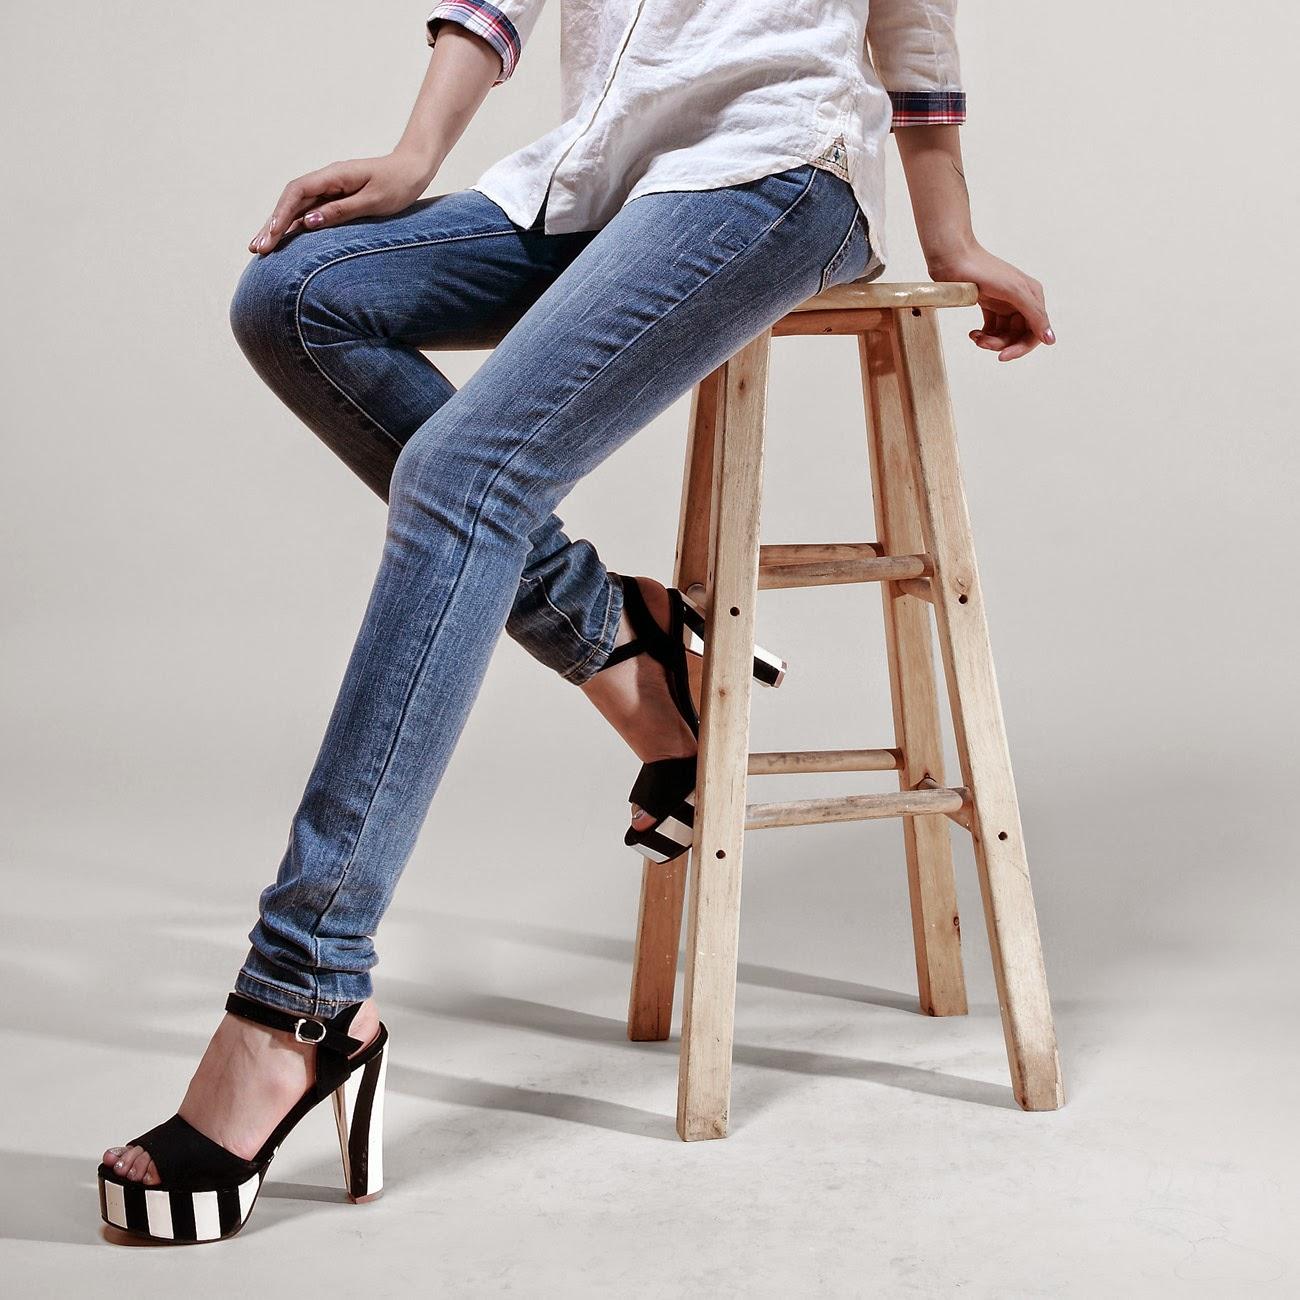 Tip macam mana nak jaga jeans.